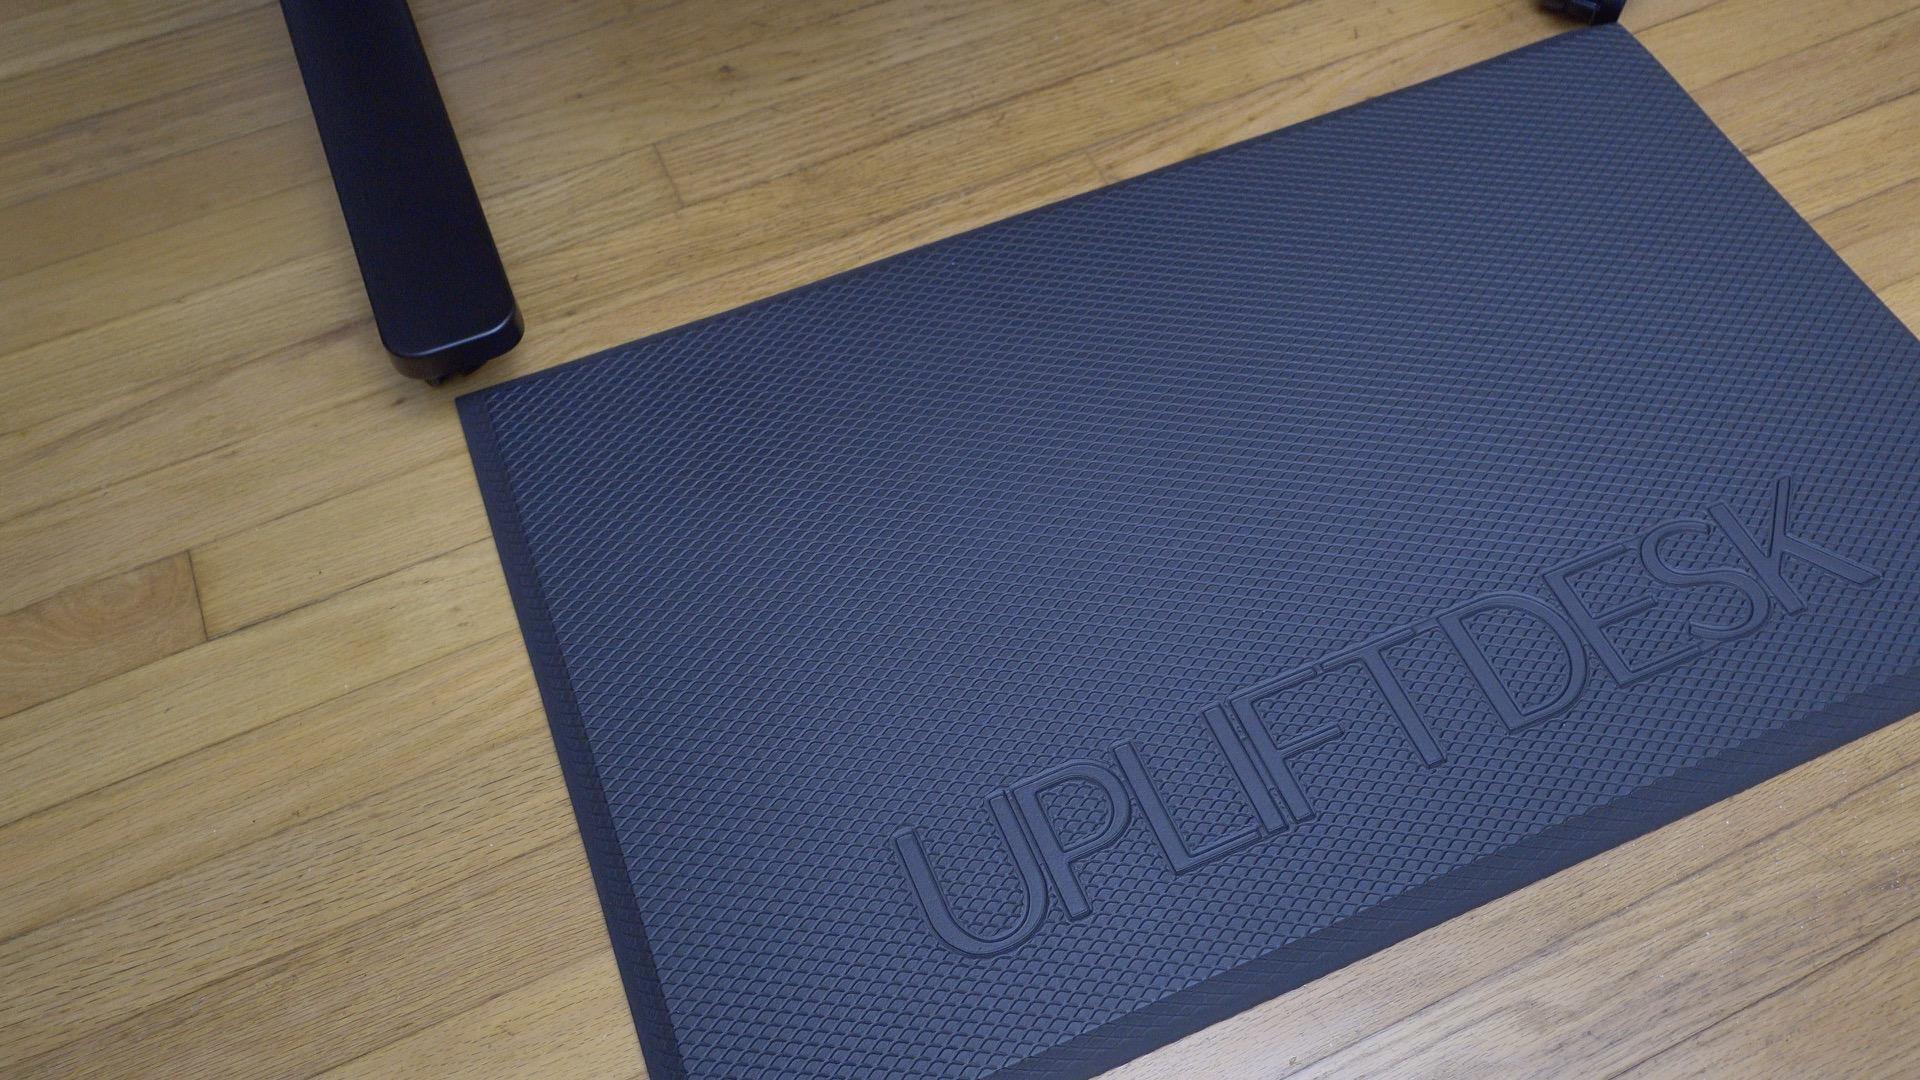 Uplift Desk Anti Fatigue Mat